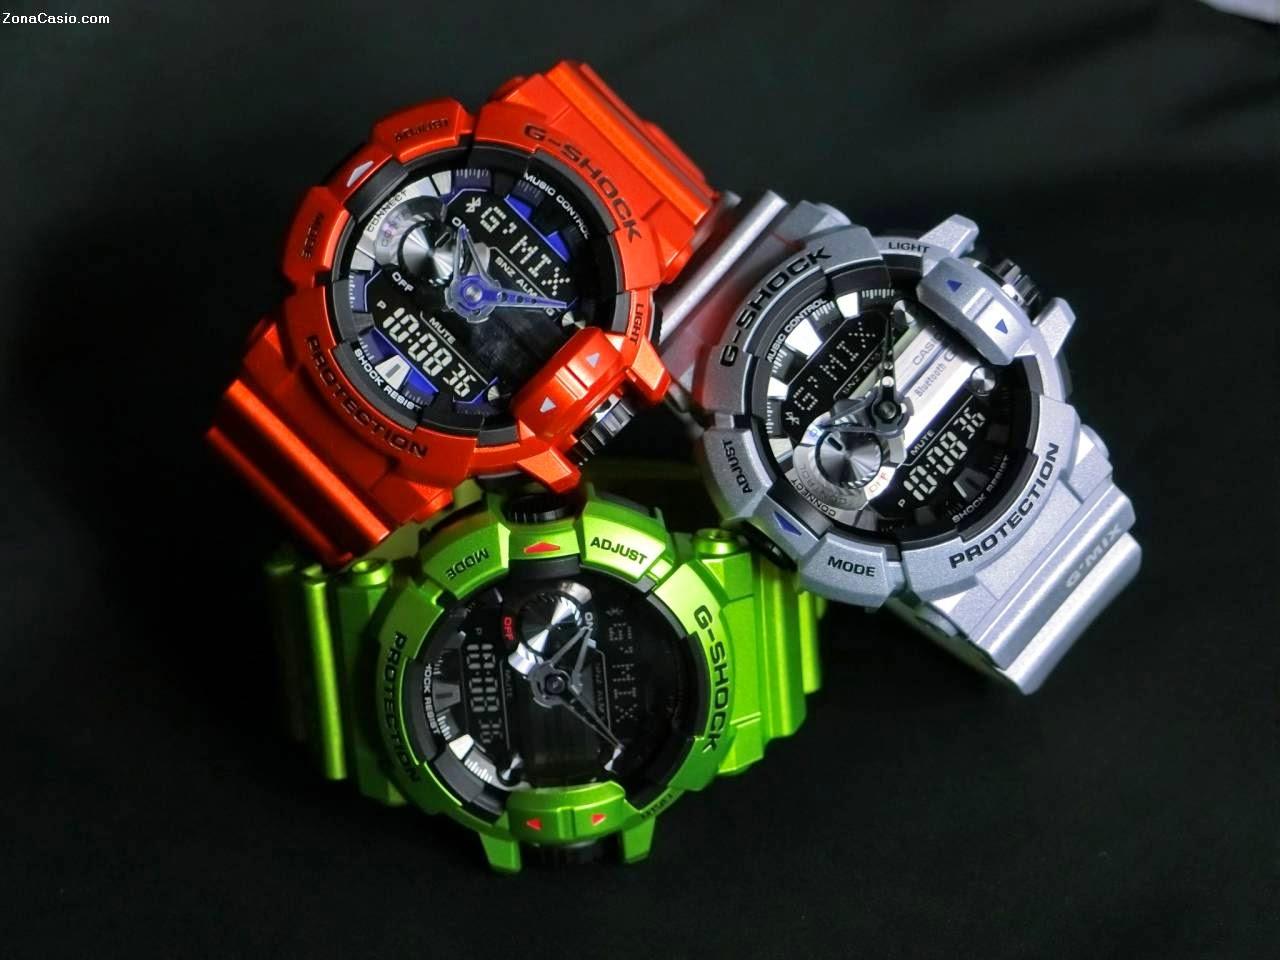 a85ca4faa ... relojes entre otros productos electrónicos, decidió en 2012 apostar por  introducir la tecnología BlueTooth en algunos de sus modelos de la gama G- Shock.